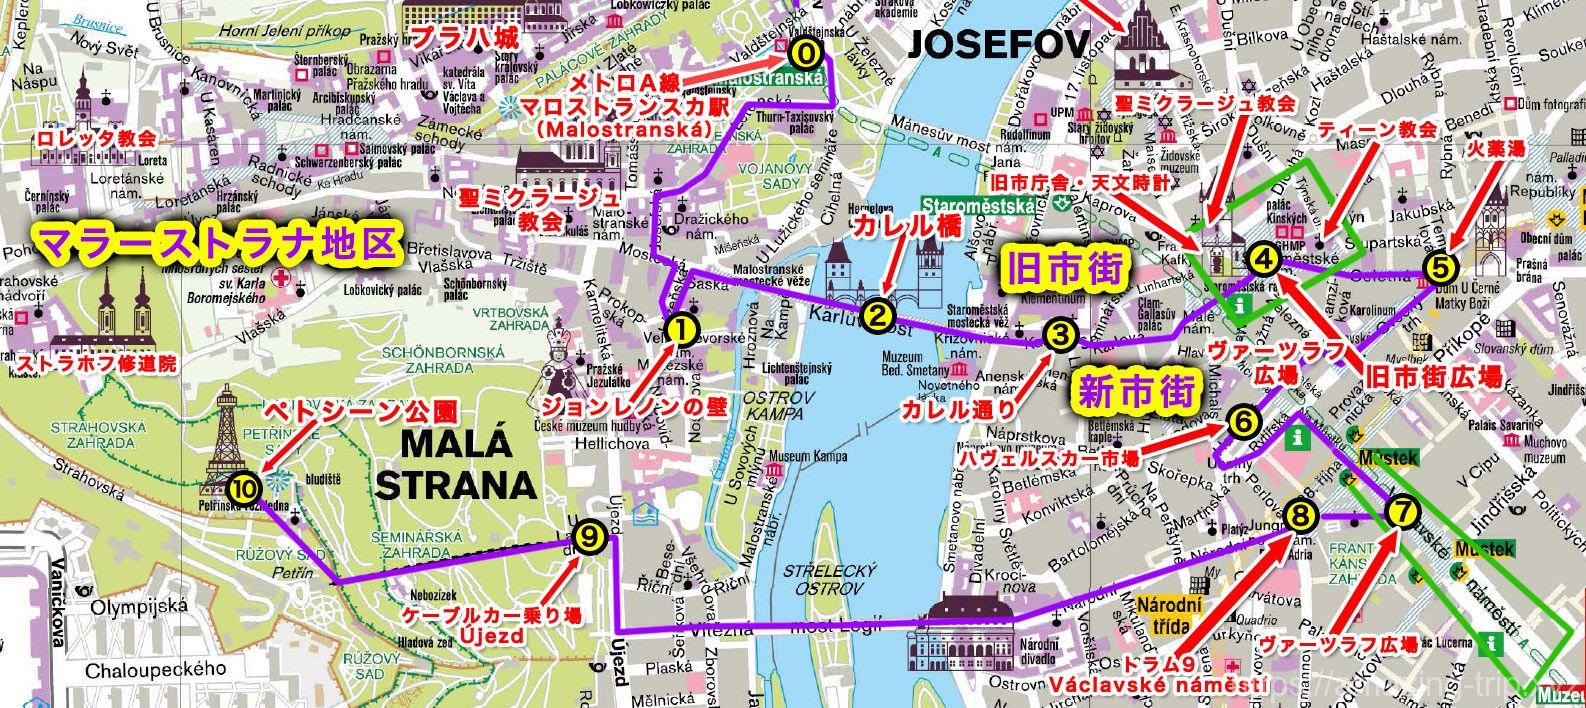 プラハの地図とモデルルート2